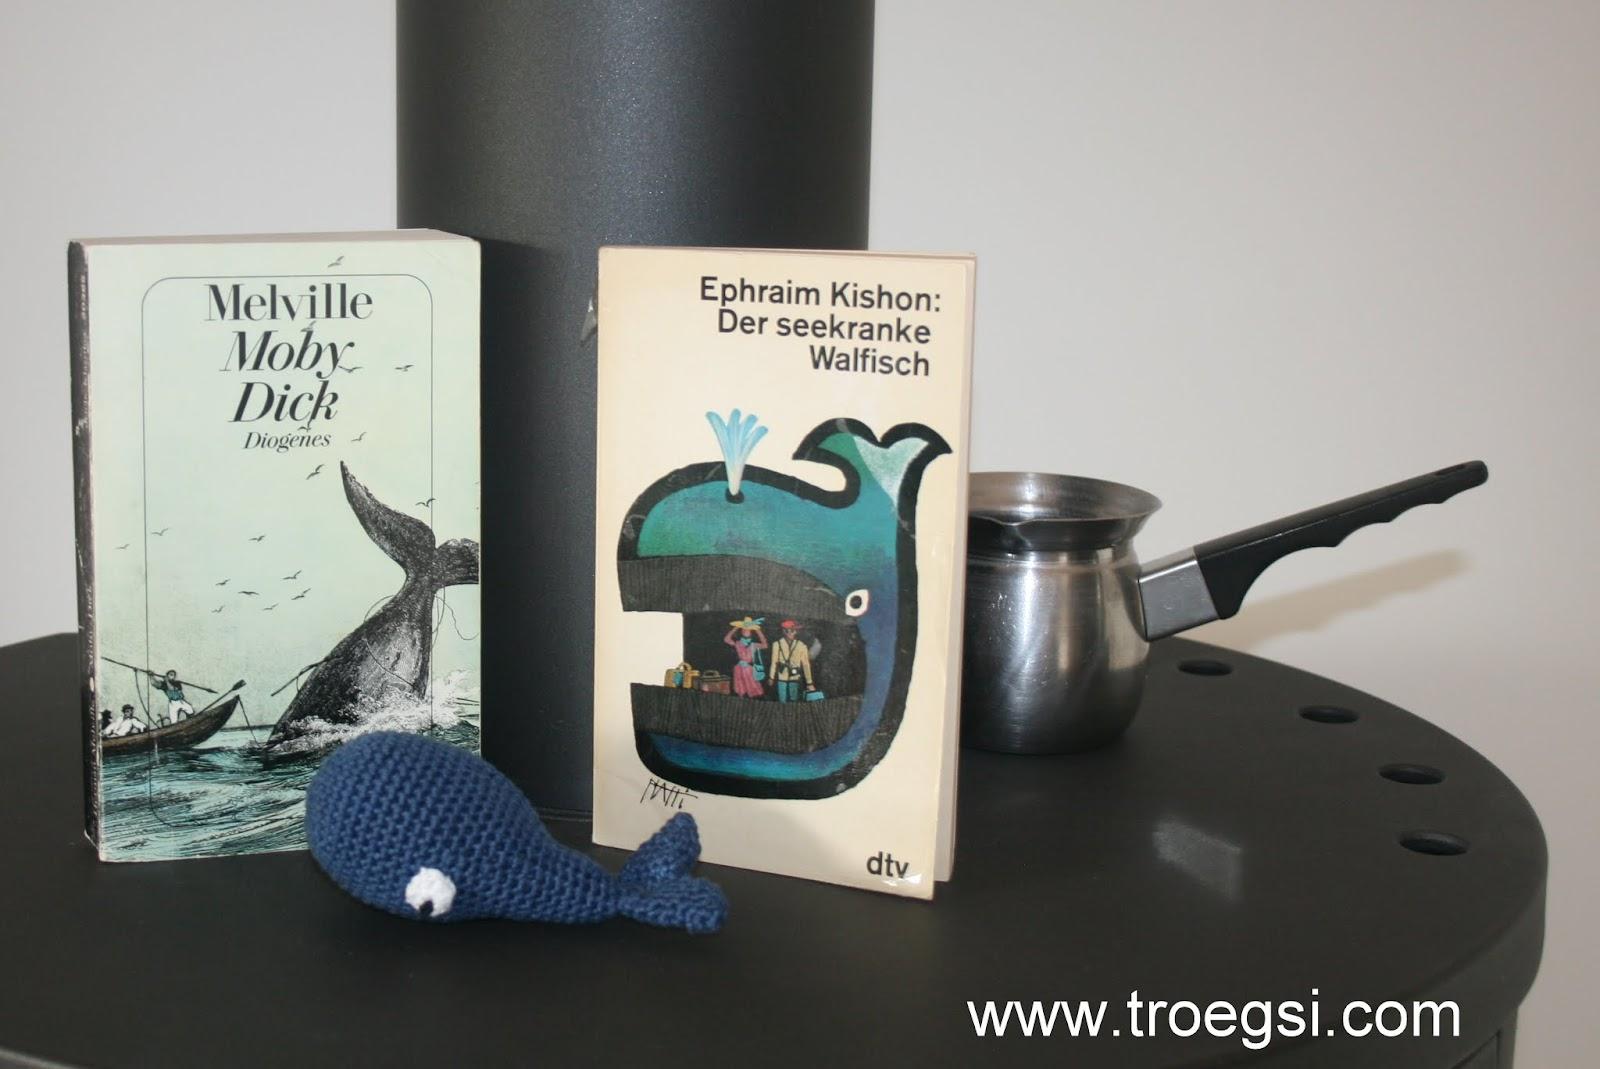 Troegsi Waltag 2 Eine Kostenlose Häkelanleitung Für Einen Wal